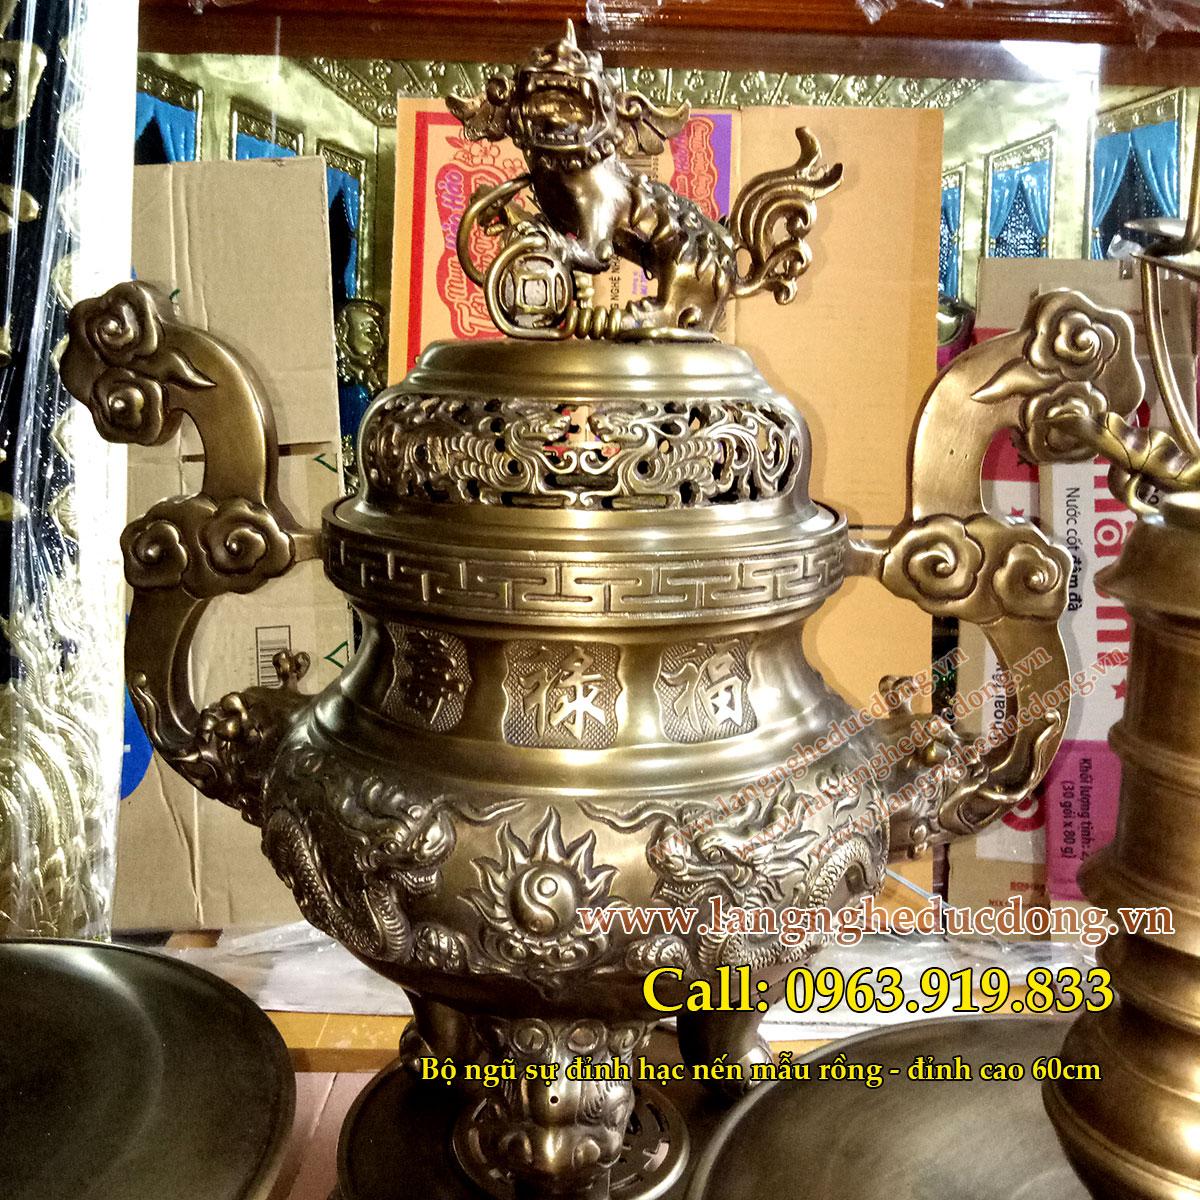 langngheducdong.vn - đỉnh đồng, lư hương, bát hương, lọ hoa, mâm bồng, đồ thờ cúng